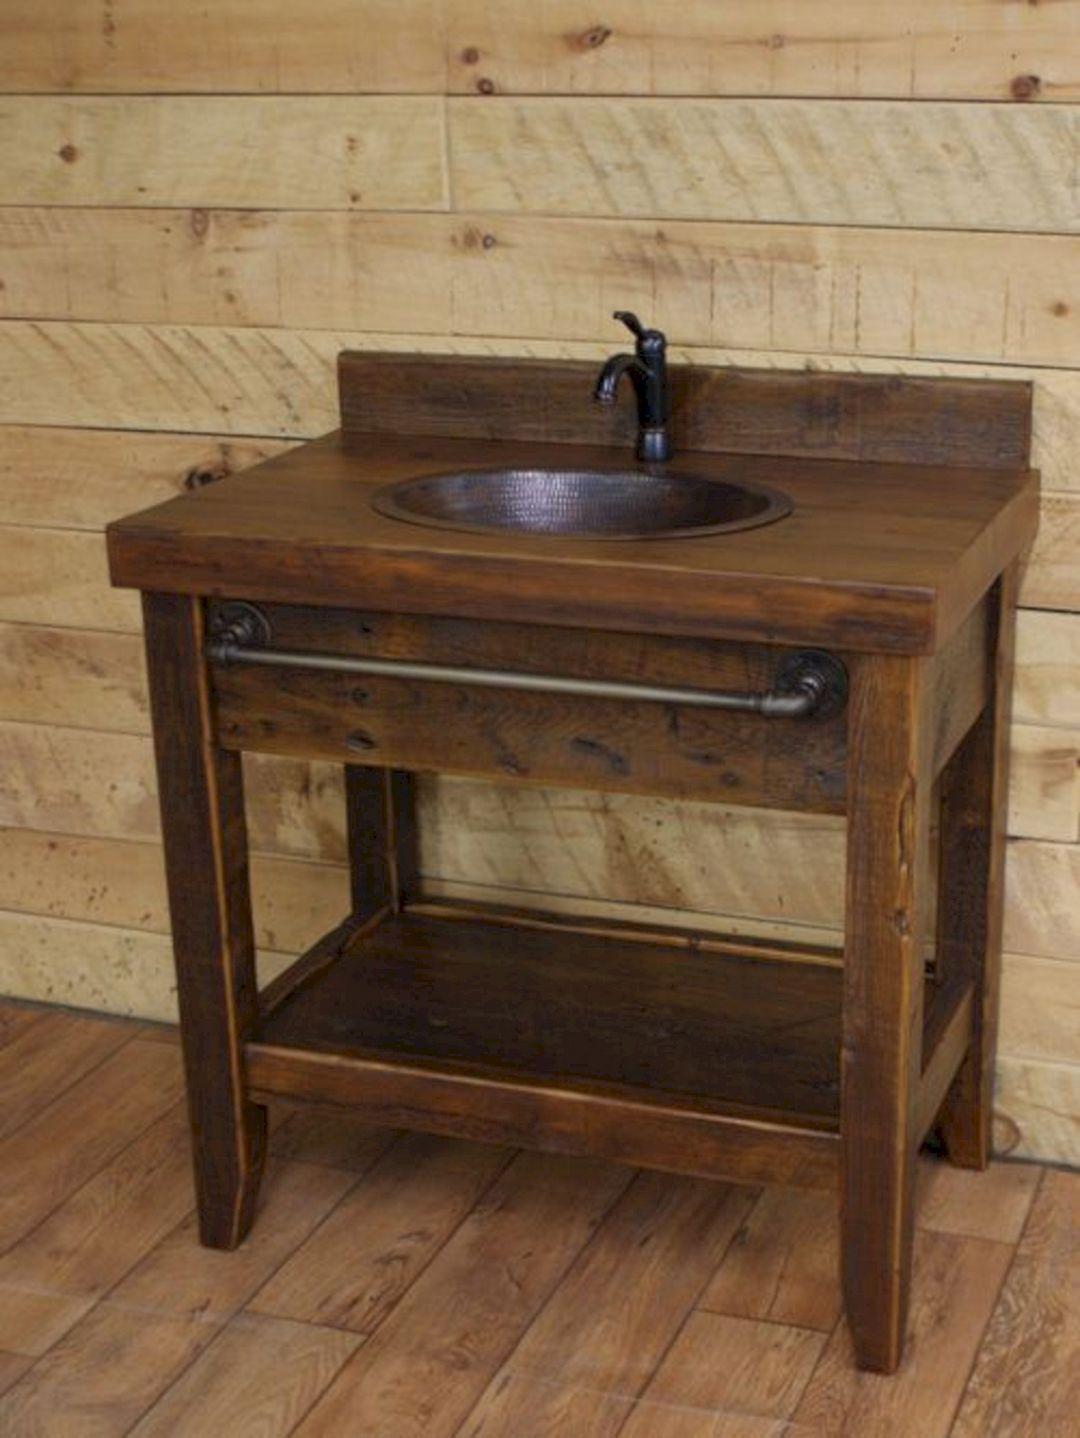 Rustic Industrial Vanity Reclaimed Barn Wood Vanity W Sliding Doors 3658 Reclaimed Barn Wood Vanity Industrial Vanity Rustic Bathroom Vanities